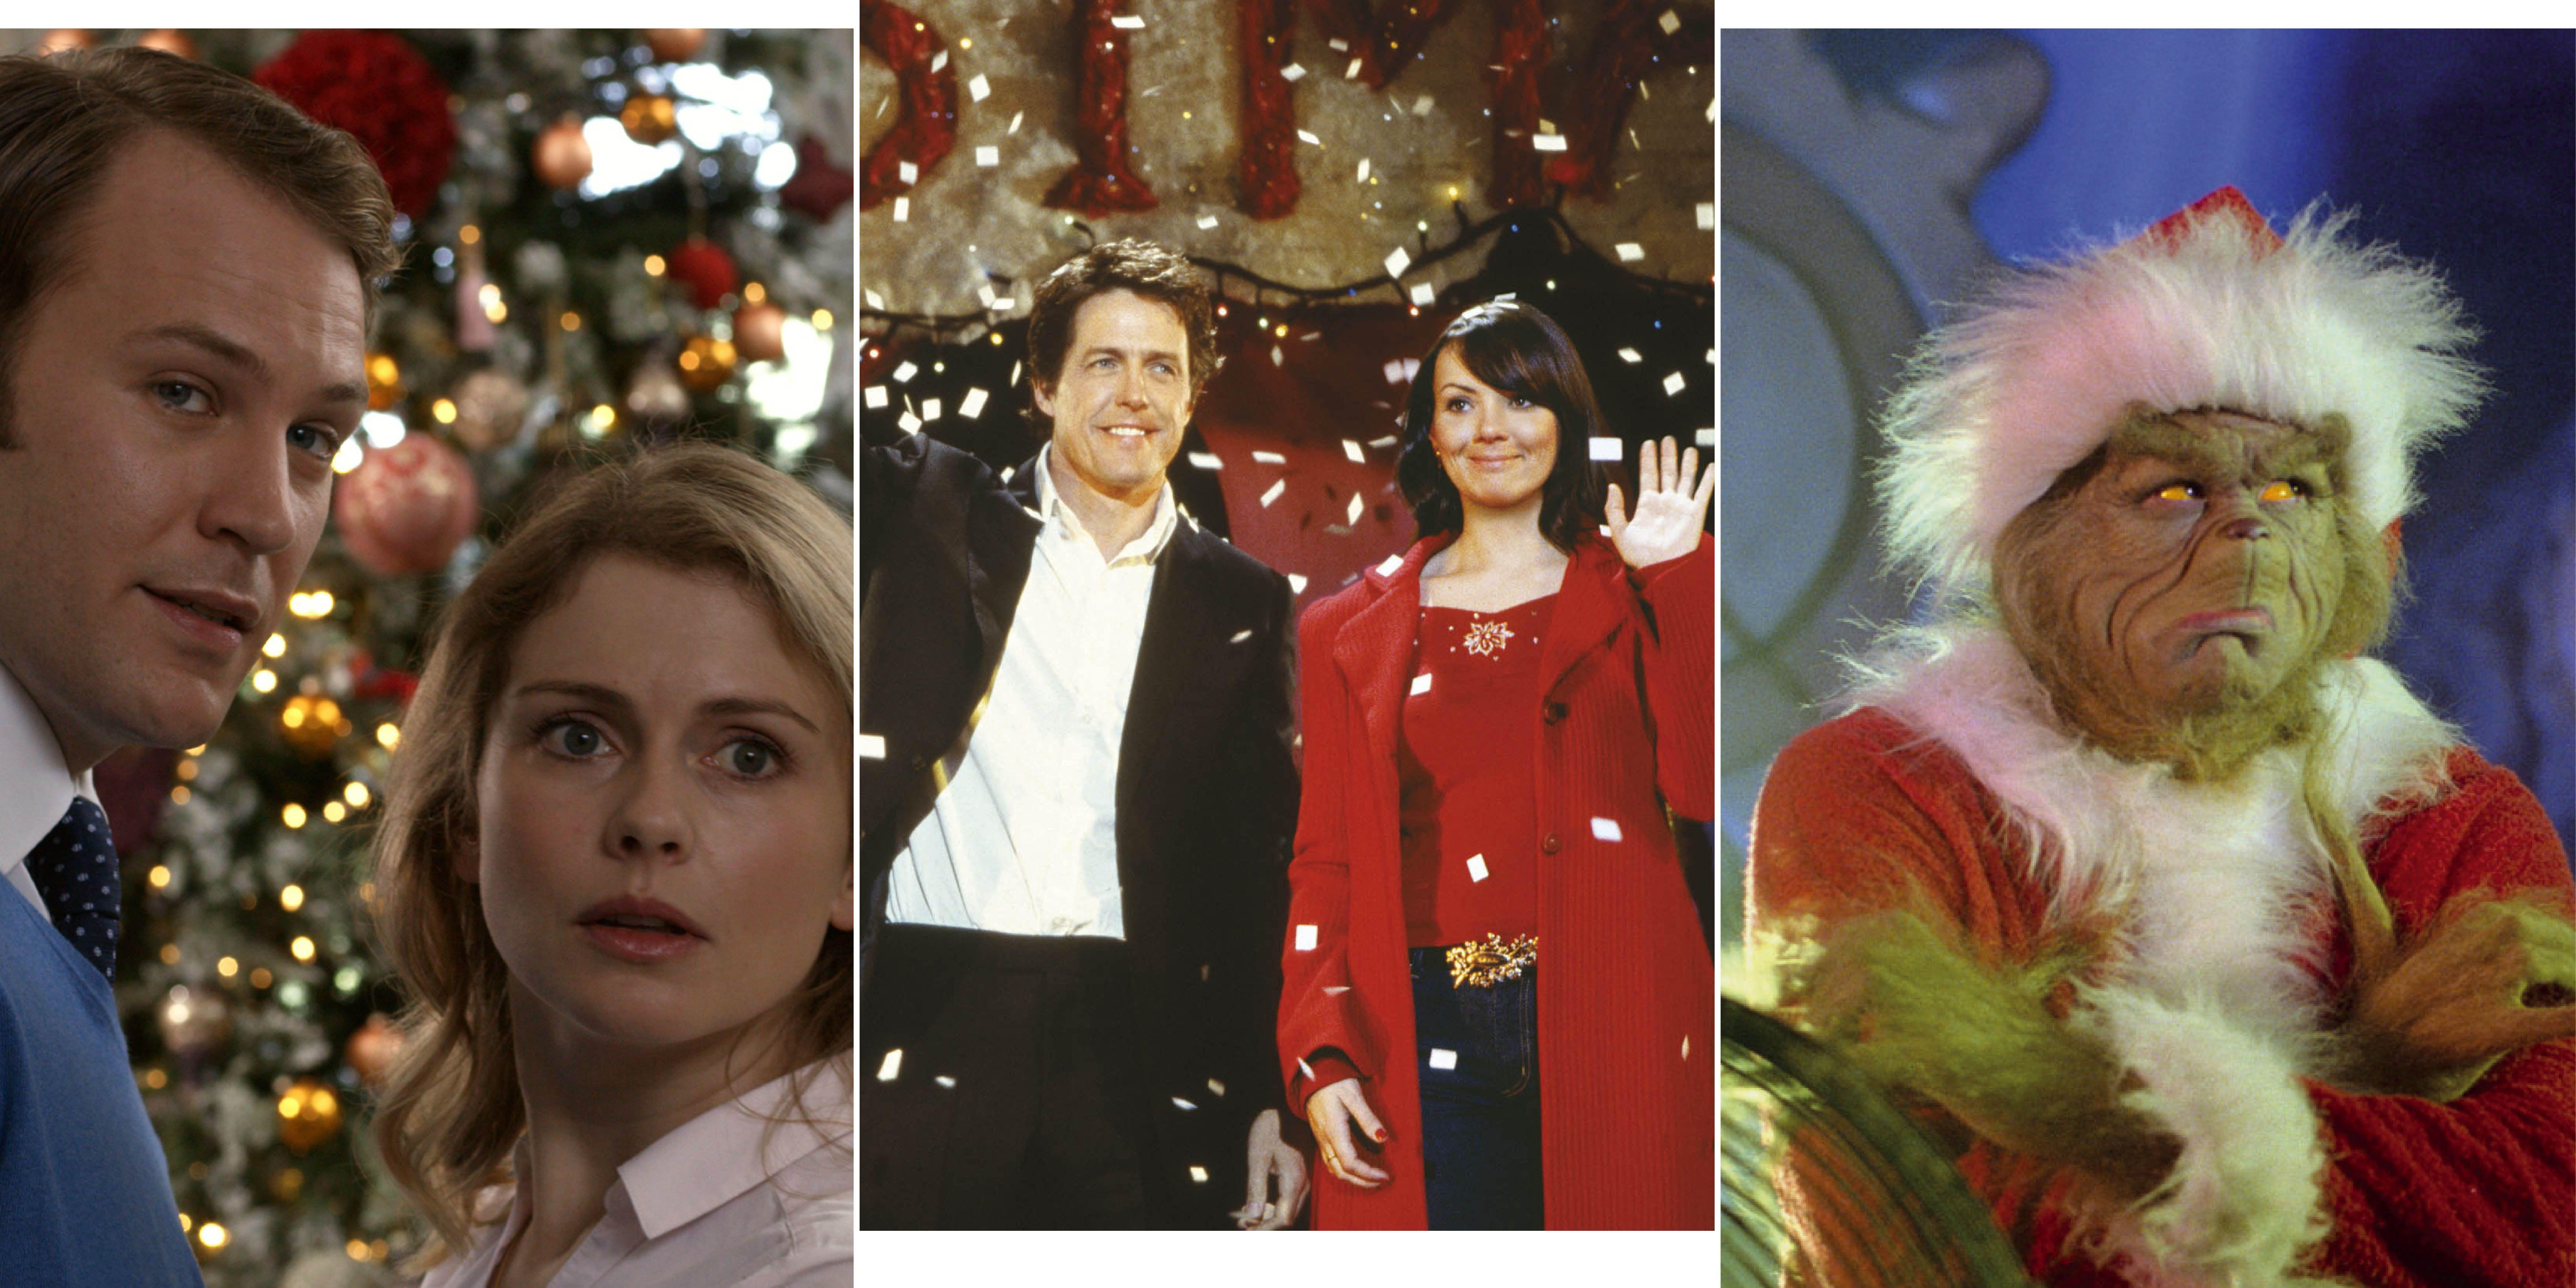 ff8be358bf Las mejores películas navideñas de Netflix - 11 Películas navideñas  imprescindibles de Netflix